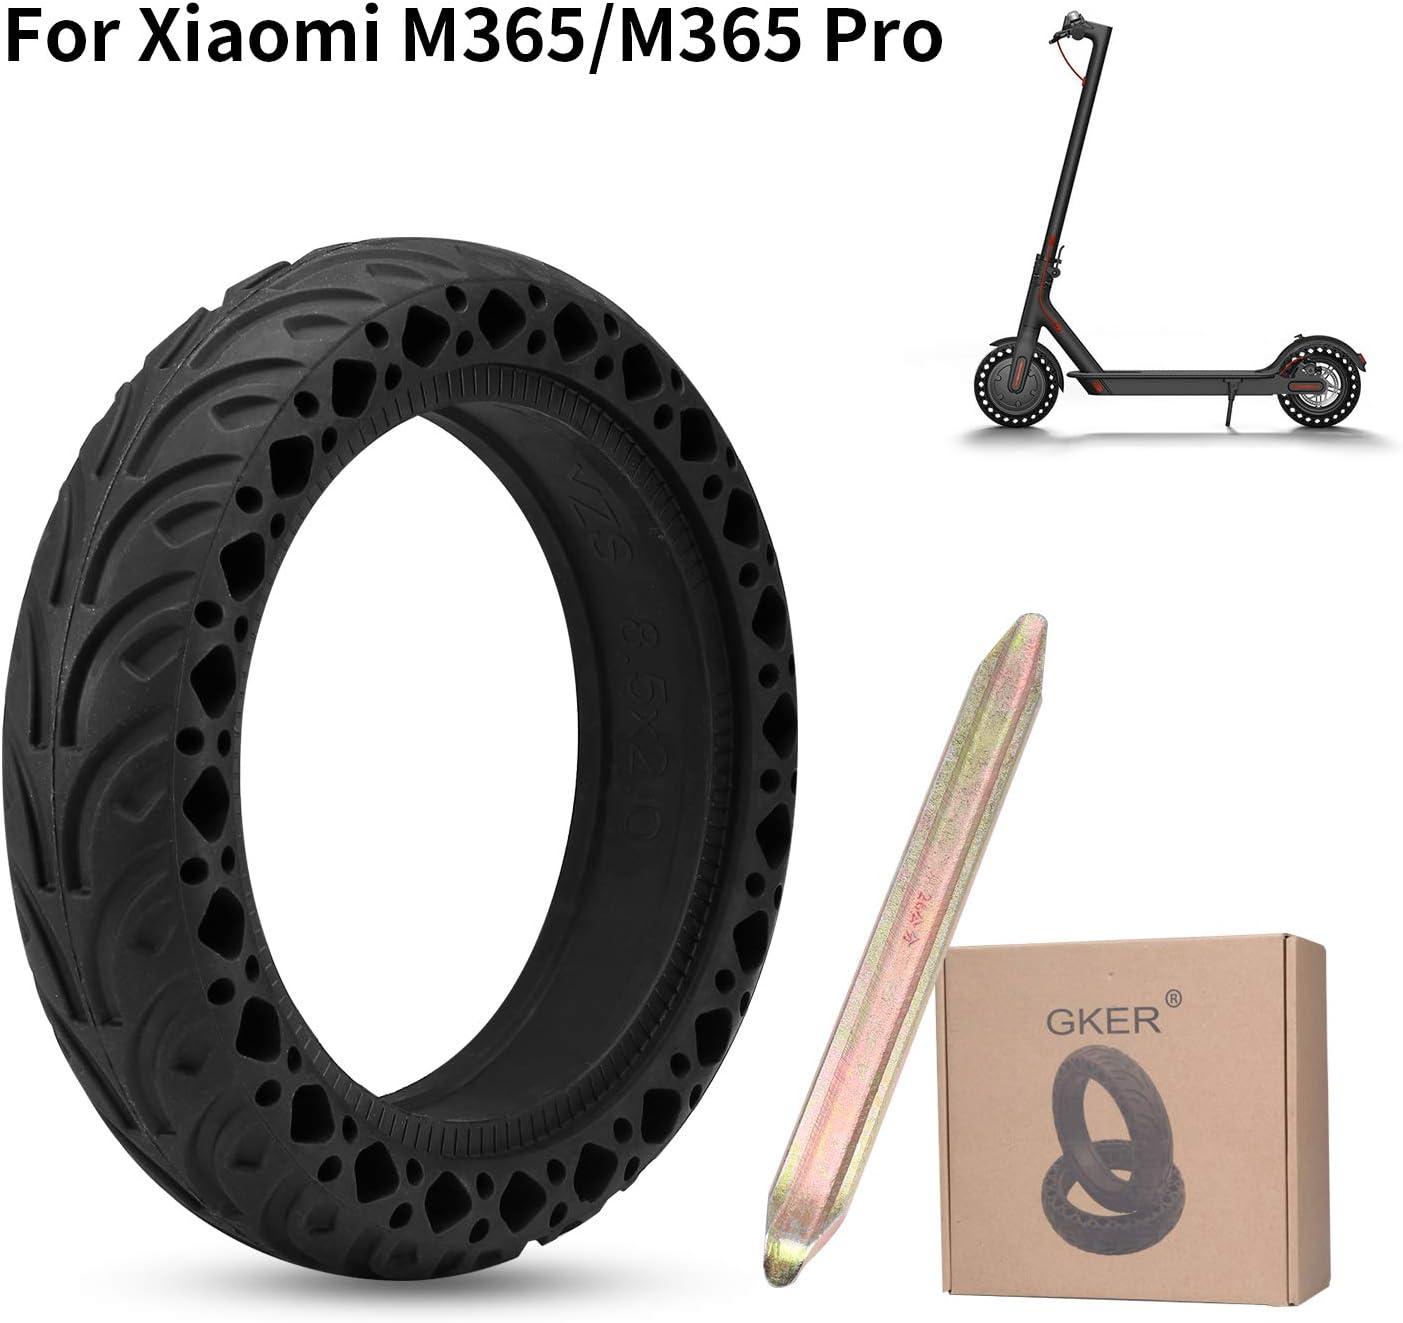 1.8mm Pneu Anti-d/érapant /à Absorption de Chocs de Type nid dabeille Convient Aux Pneus Avant//Arri/ère Millet M365 Accessoires GKER Pneu Plein Compatible avec Xiaomi M365 Tube Int/érieur 81 //2x2